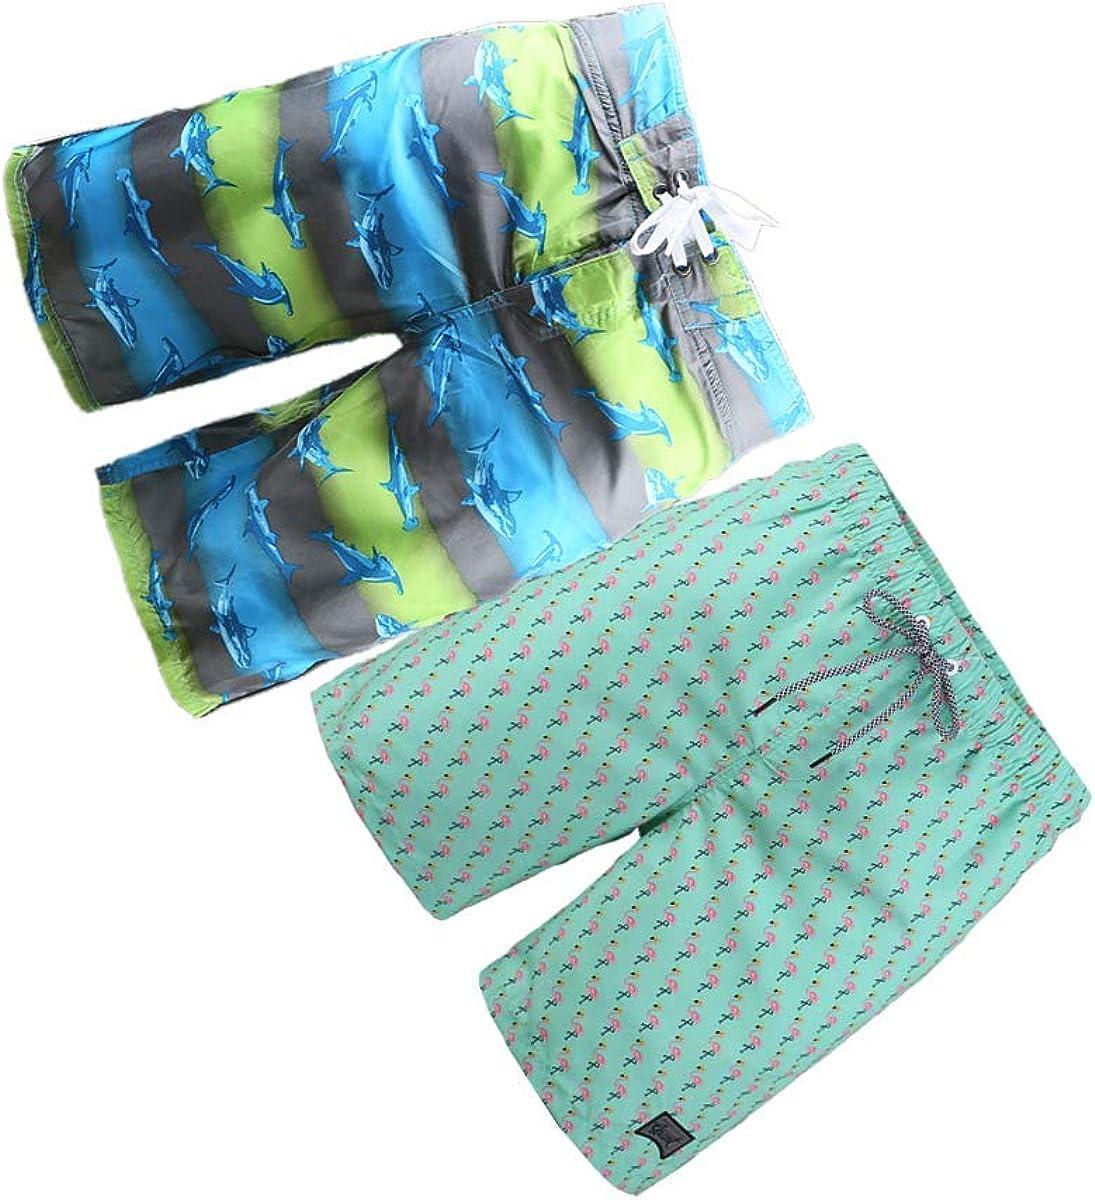 BG 2-Pcs Pack Men's Vintage Rash Guard Bikini Joker Traning Pocket Swimwear